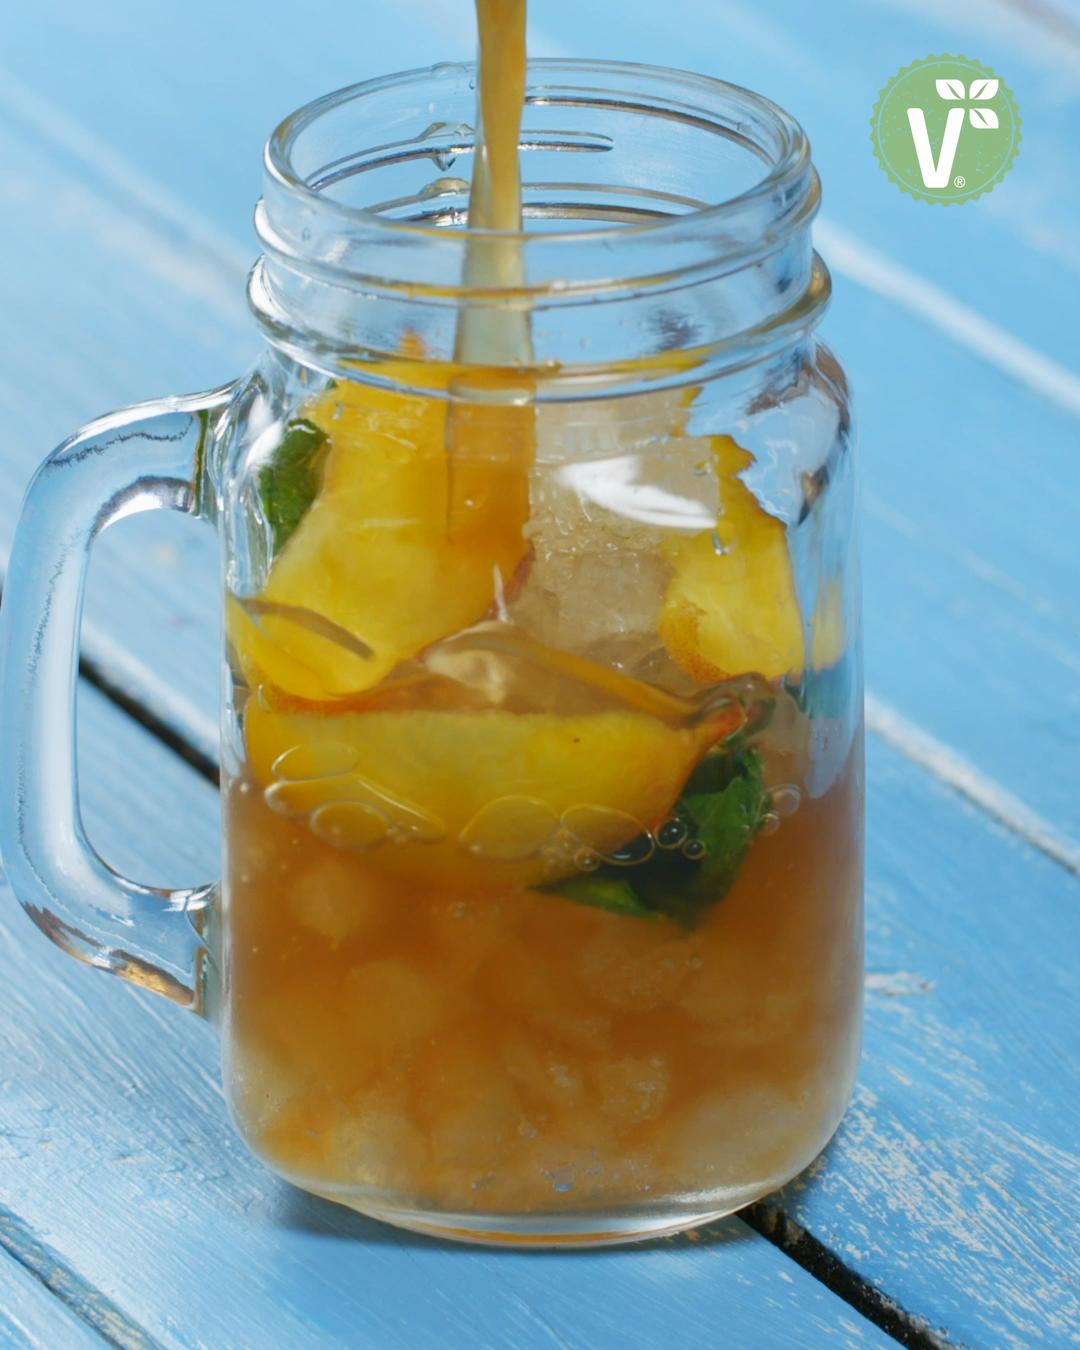 Fruchtiger, eisgekühlter Pfirsich-Eistee mit frischer, marokkanischer Minze – ein tolles Rezept für den Sommer!